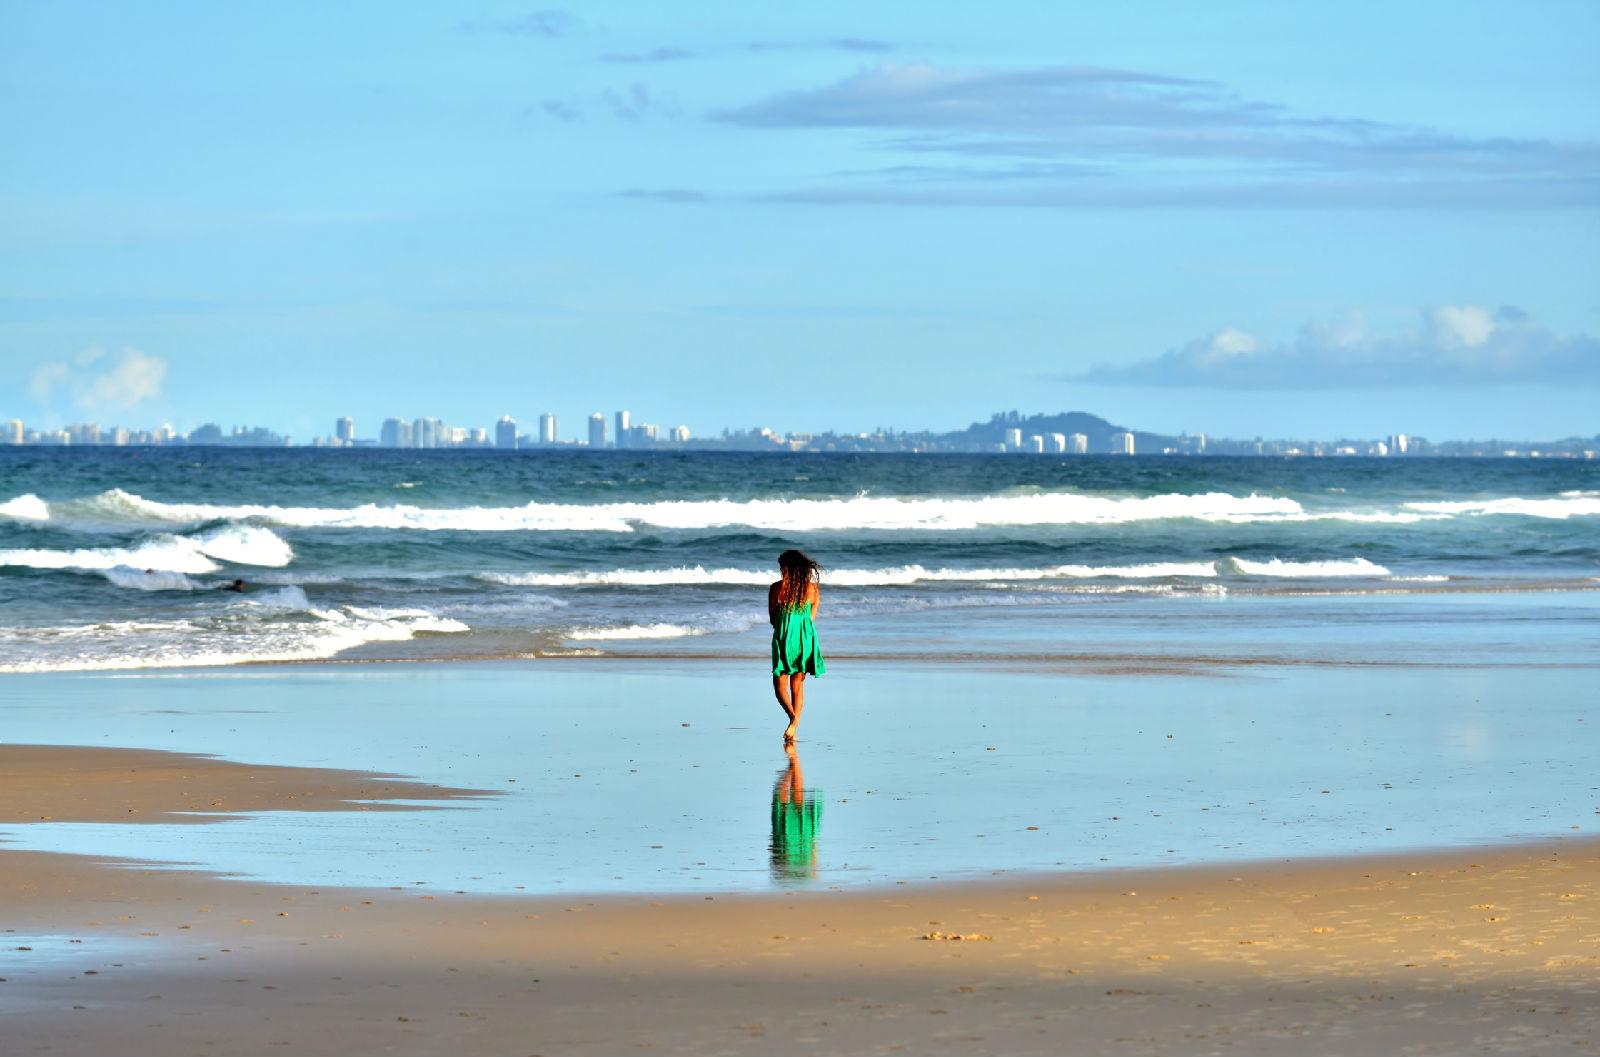 澳大利亚旅游攻略图片149